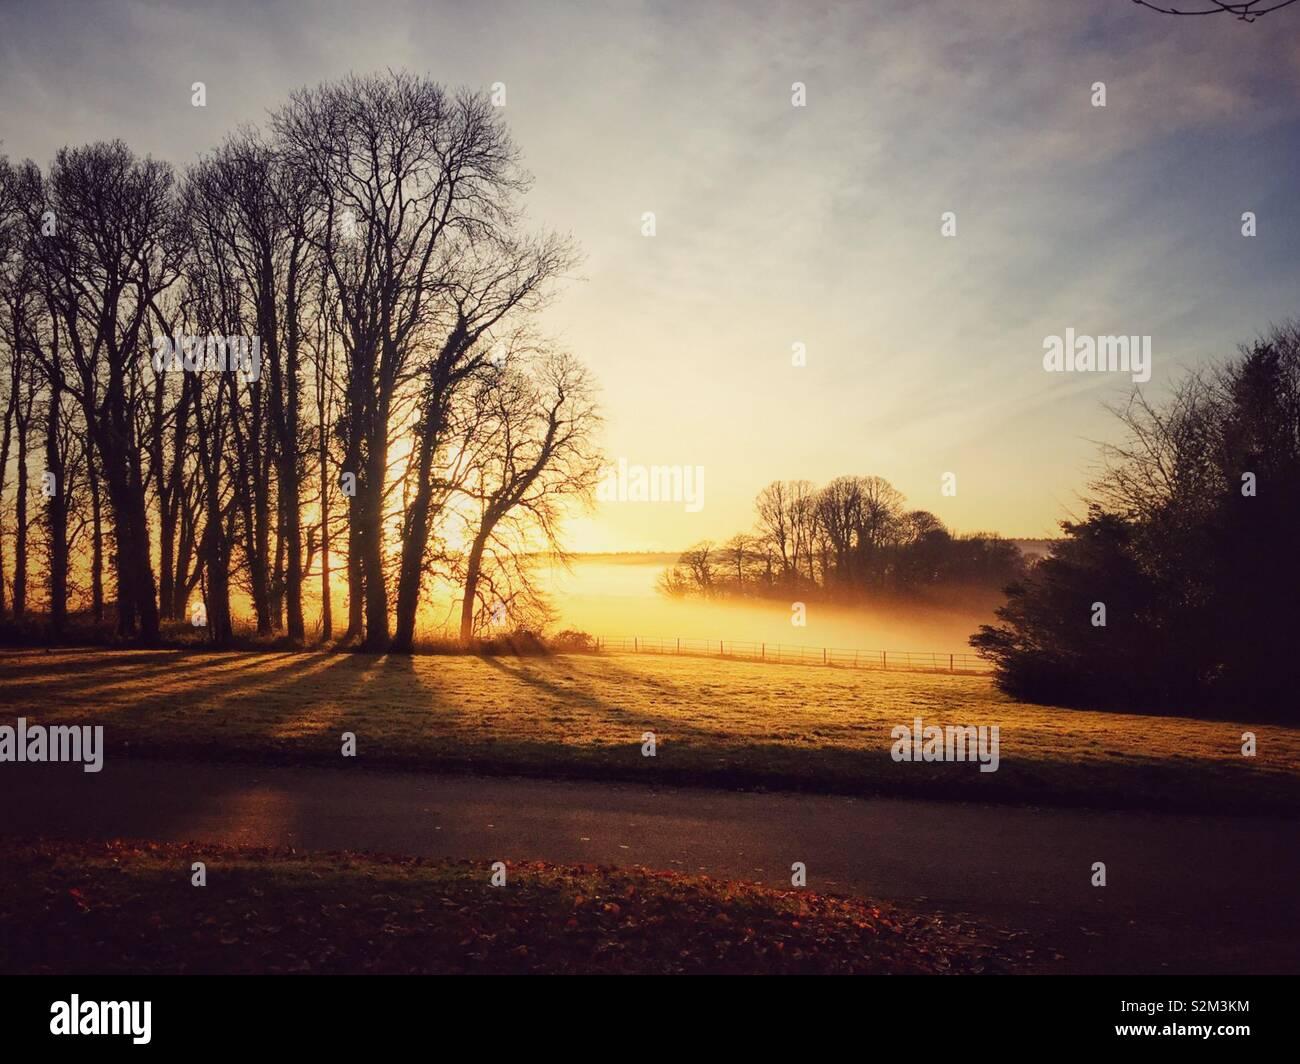 Coucher de soleil sur la campagne brumeuse. Photo Stock